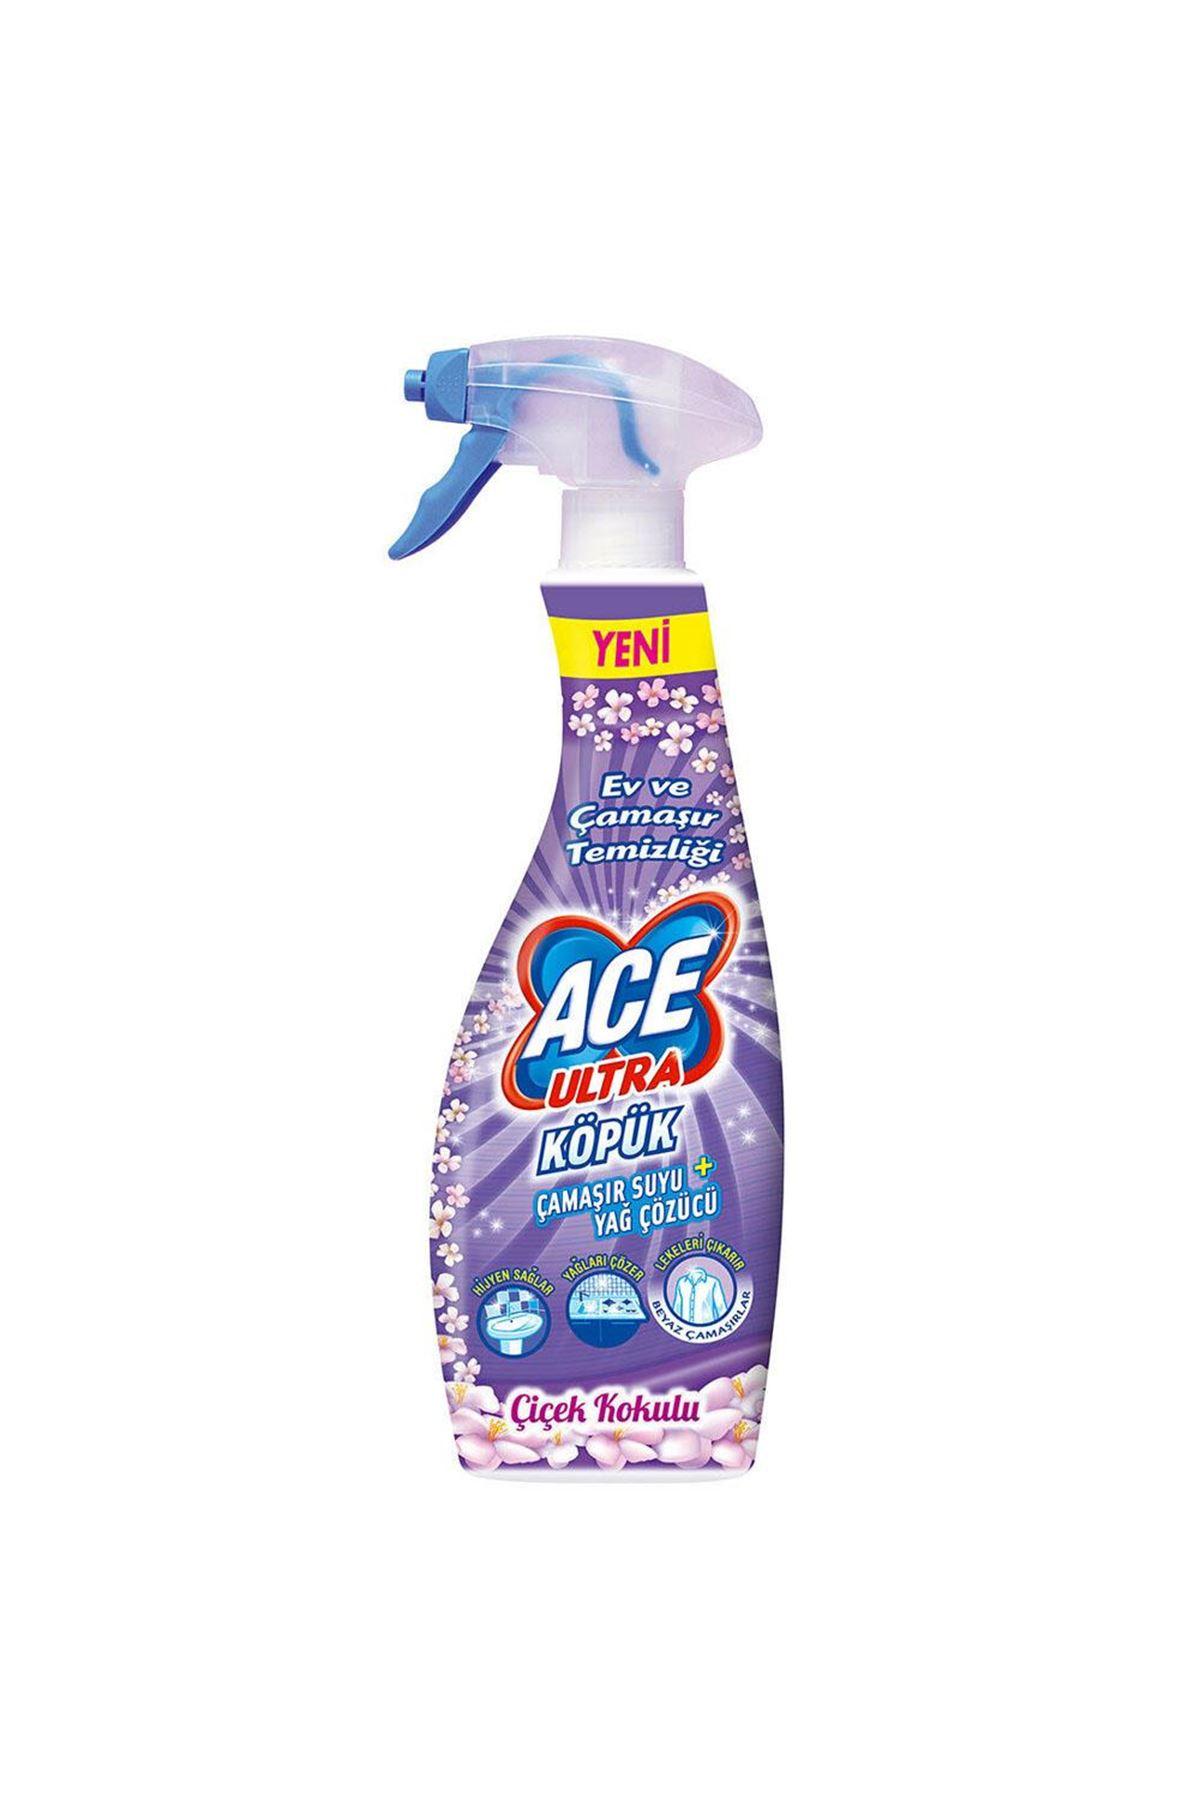 Ace Ultra Köpük Çiçek Kokulu 700 ml